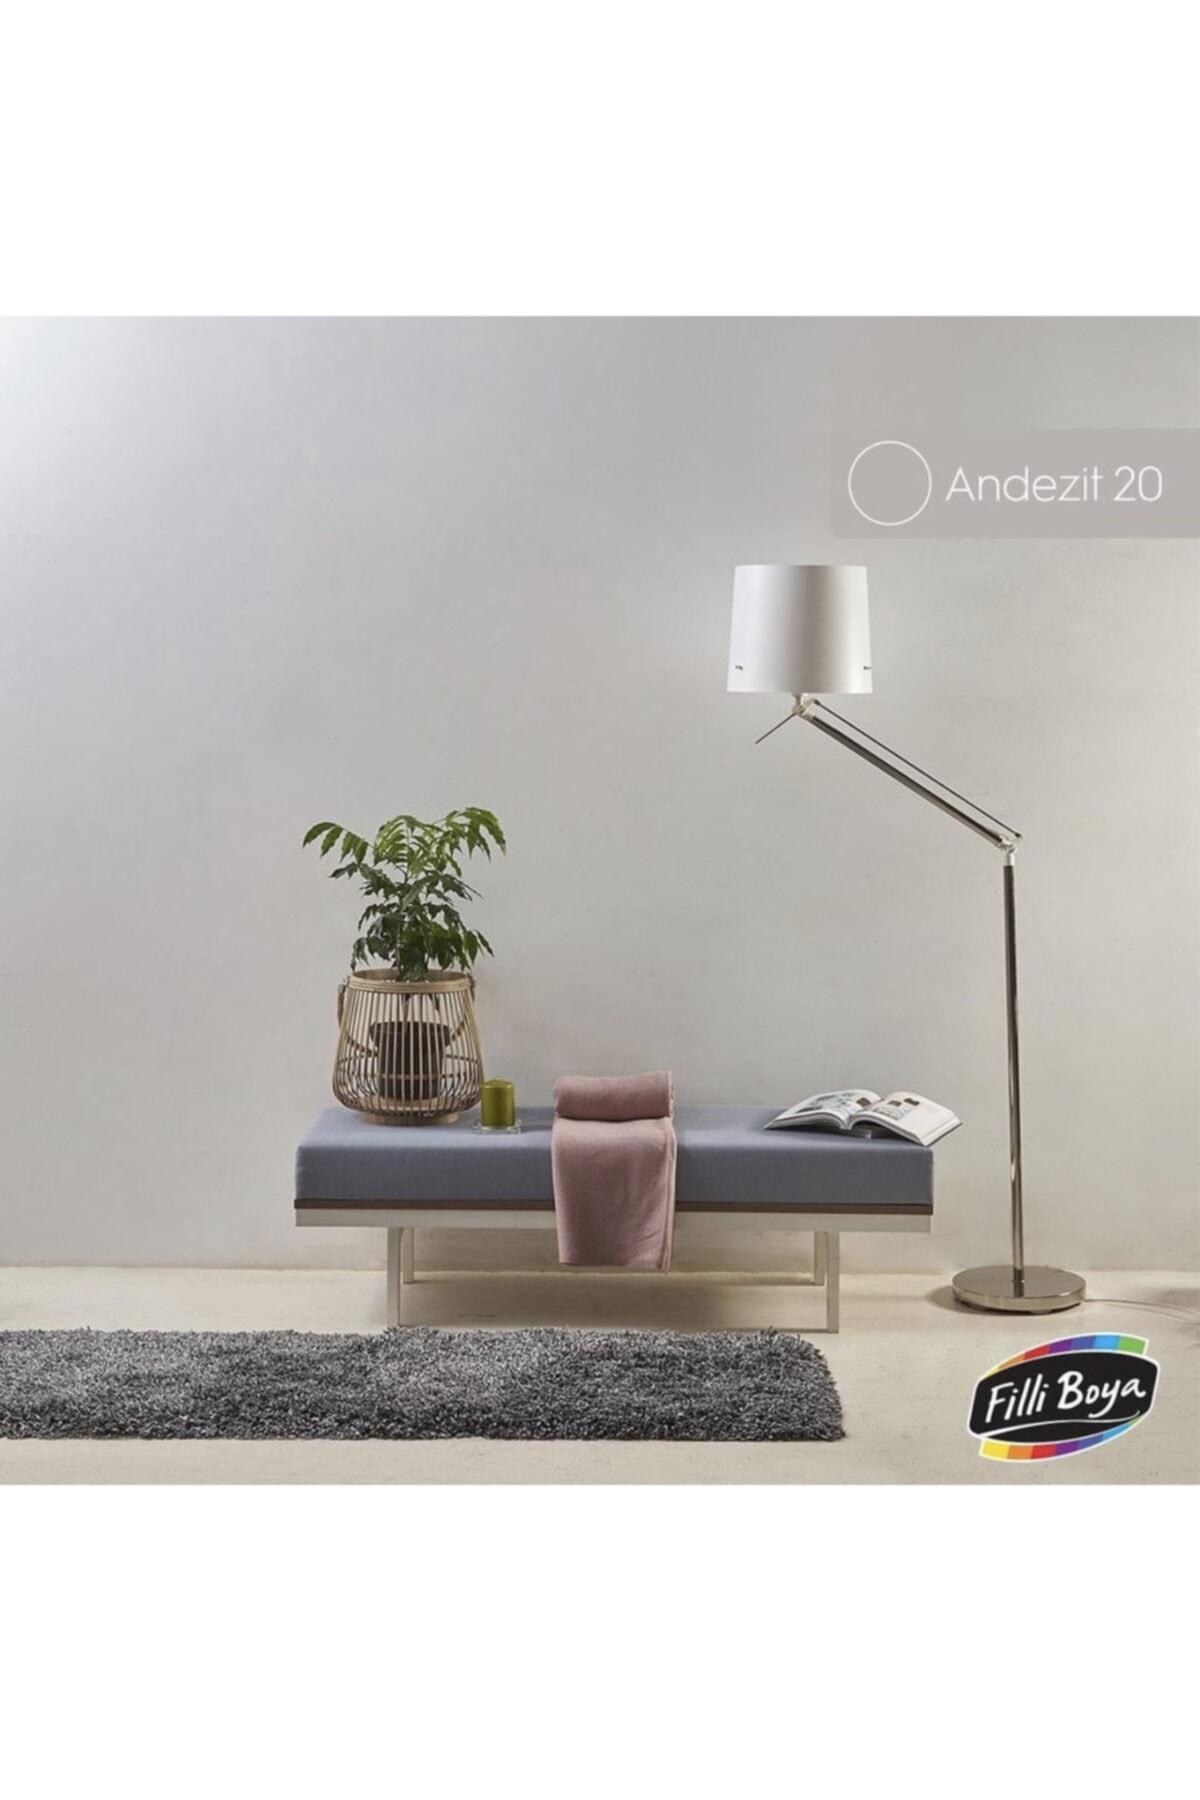 Momento Max 2.5lt Renk: Andezit20 Soft Mat Tam Silinebilir Iç Cephe Boyası